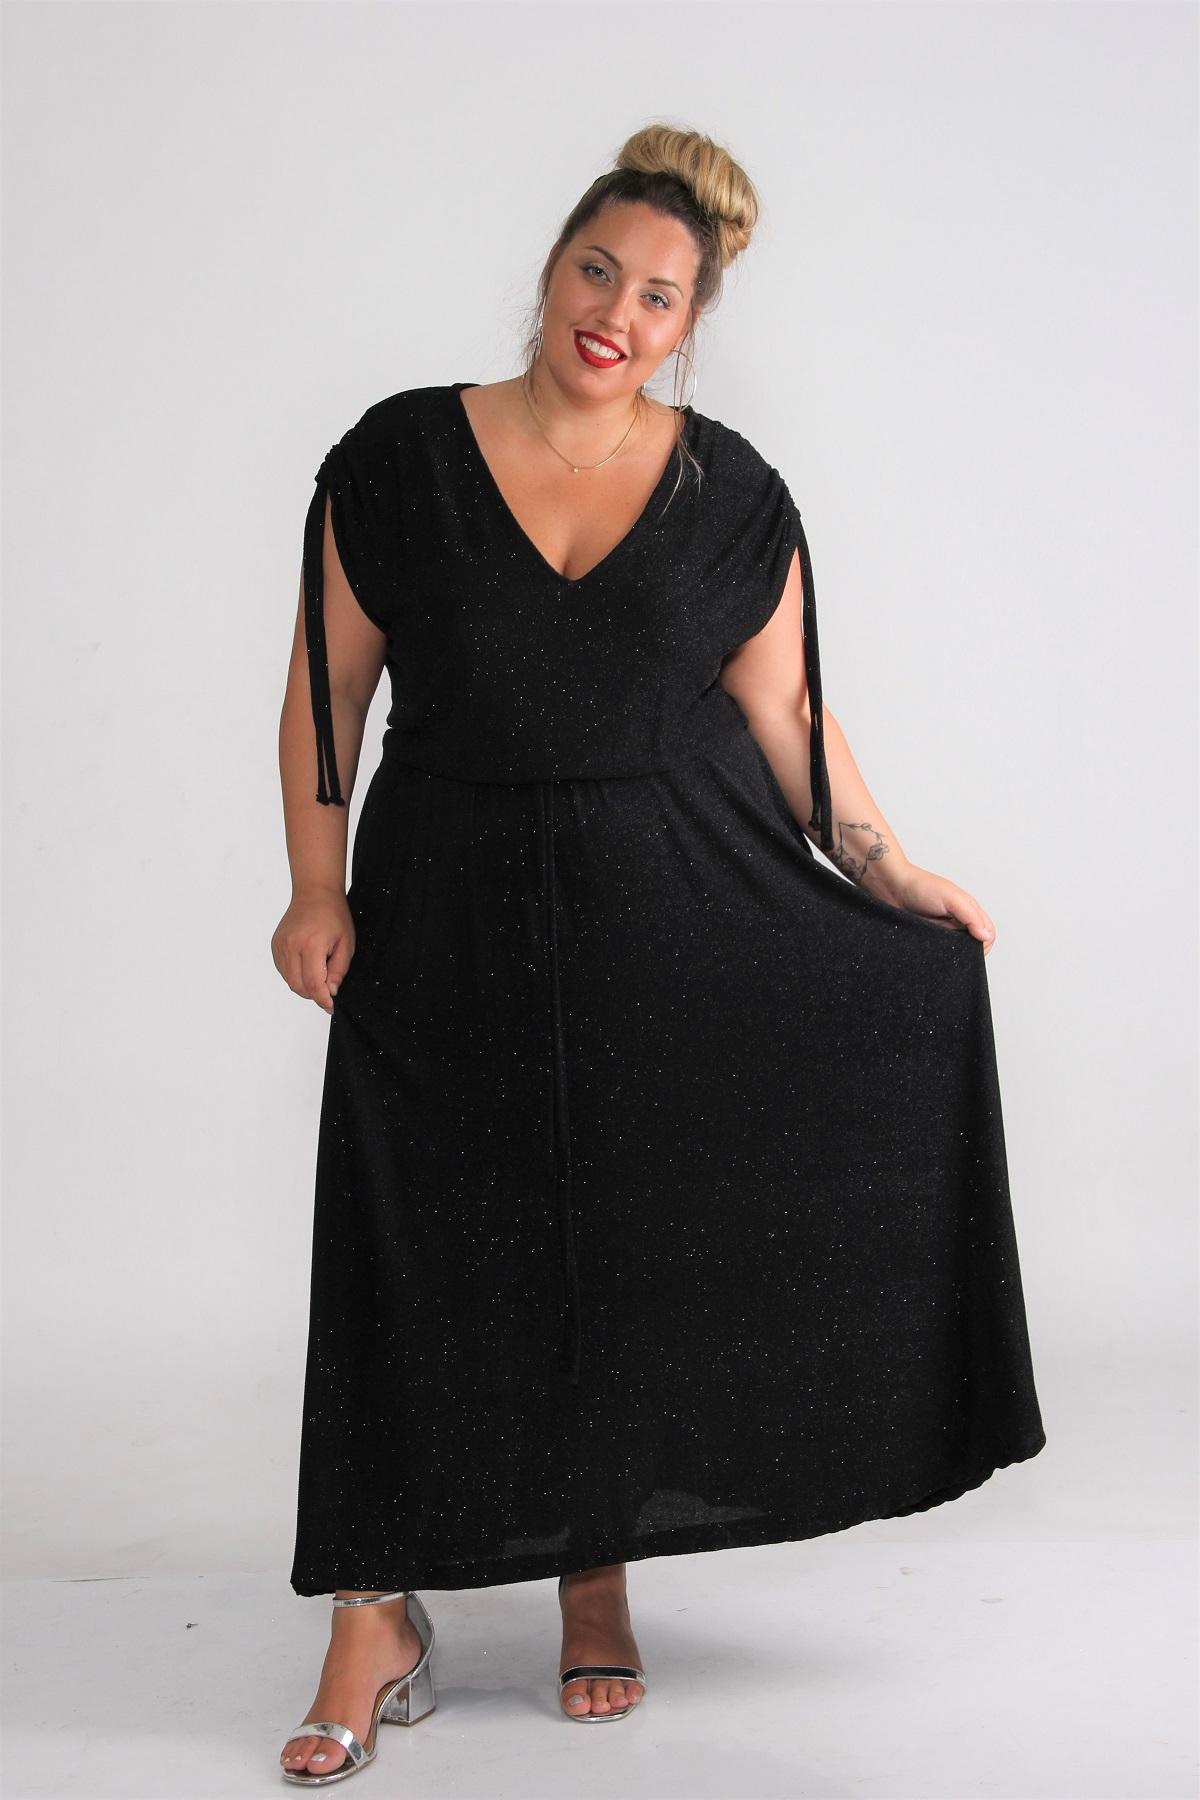 שמלת סינדרלה לורקס חלק שחור